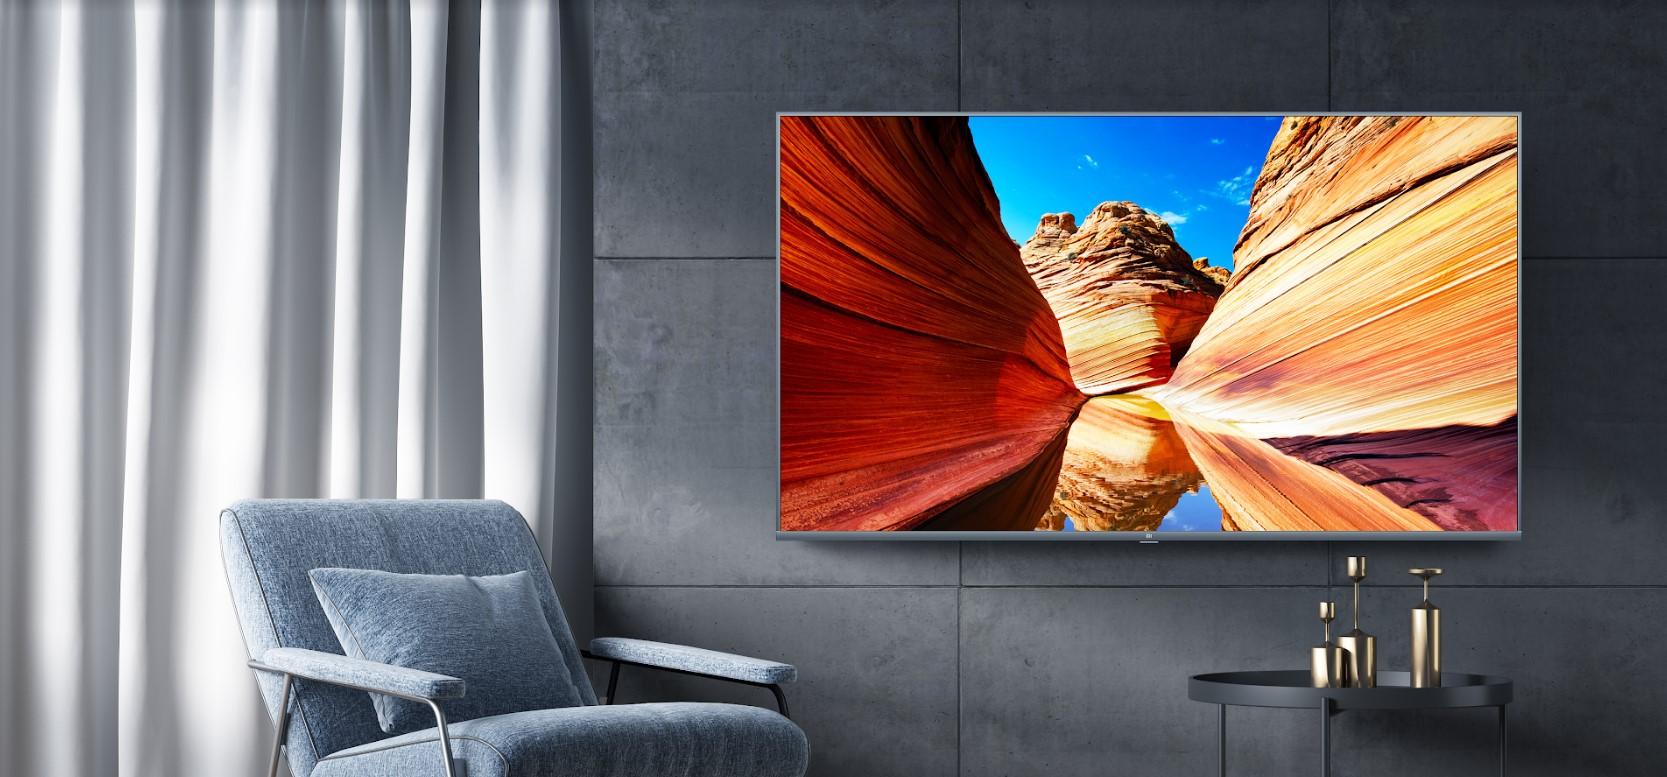 Xiaomi Mi TV 4S